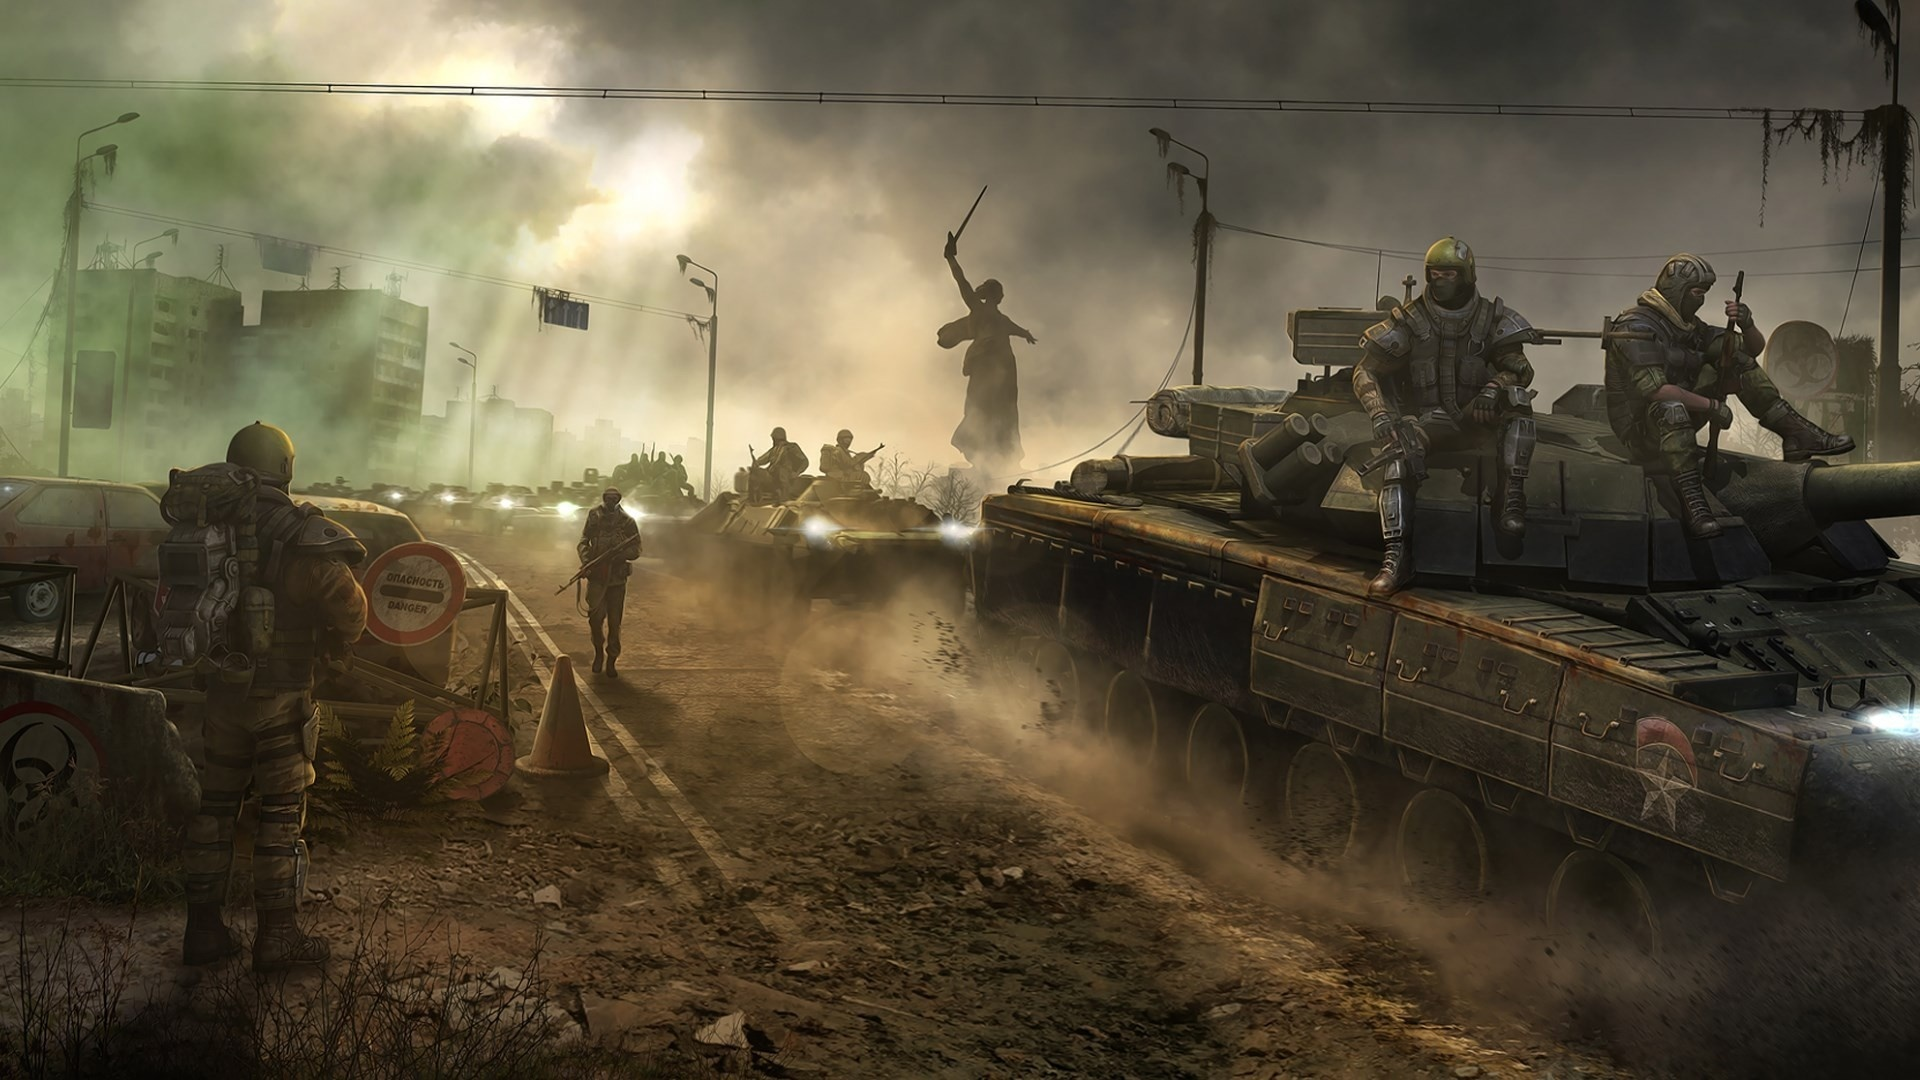 War Wallpaper theme